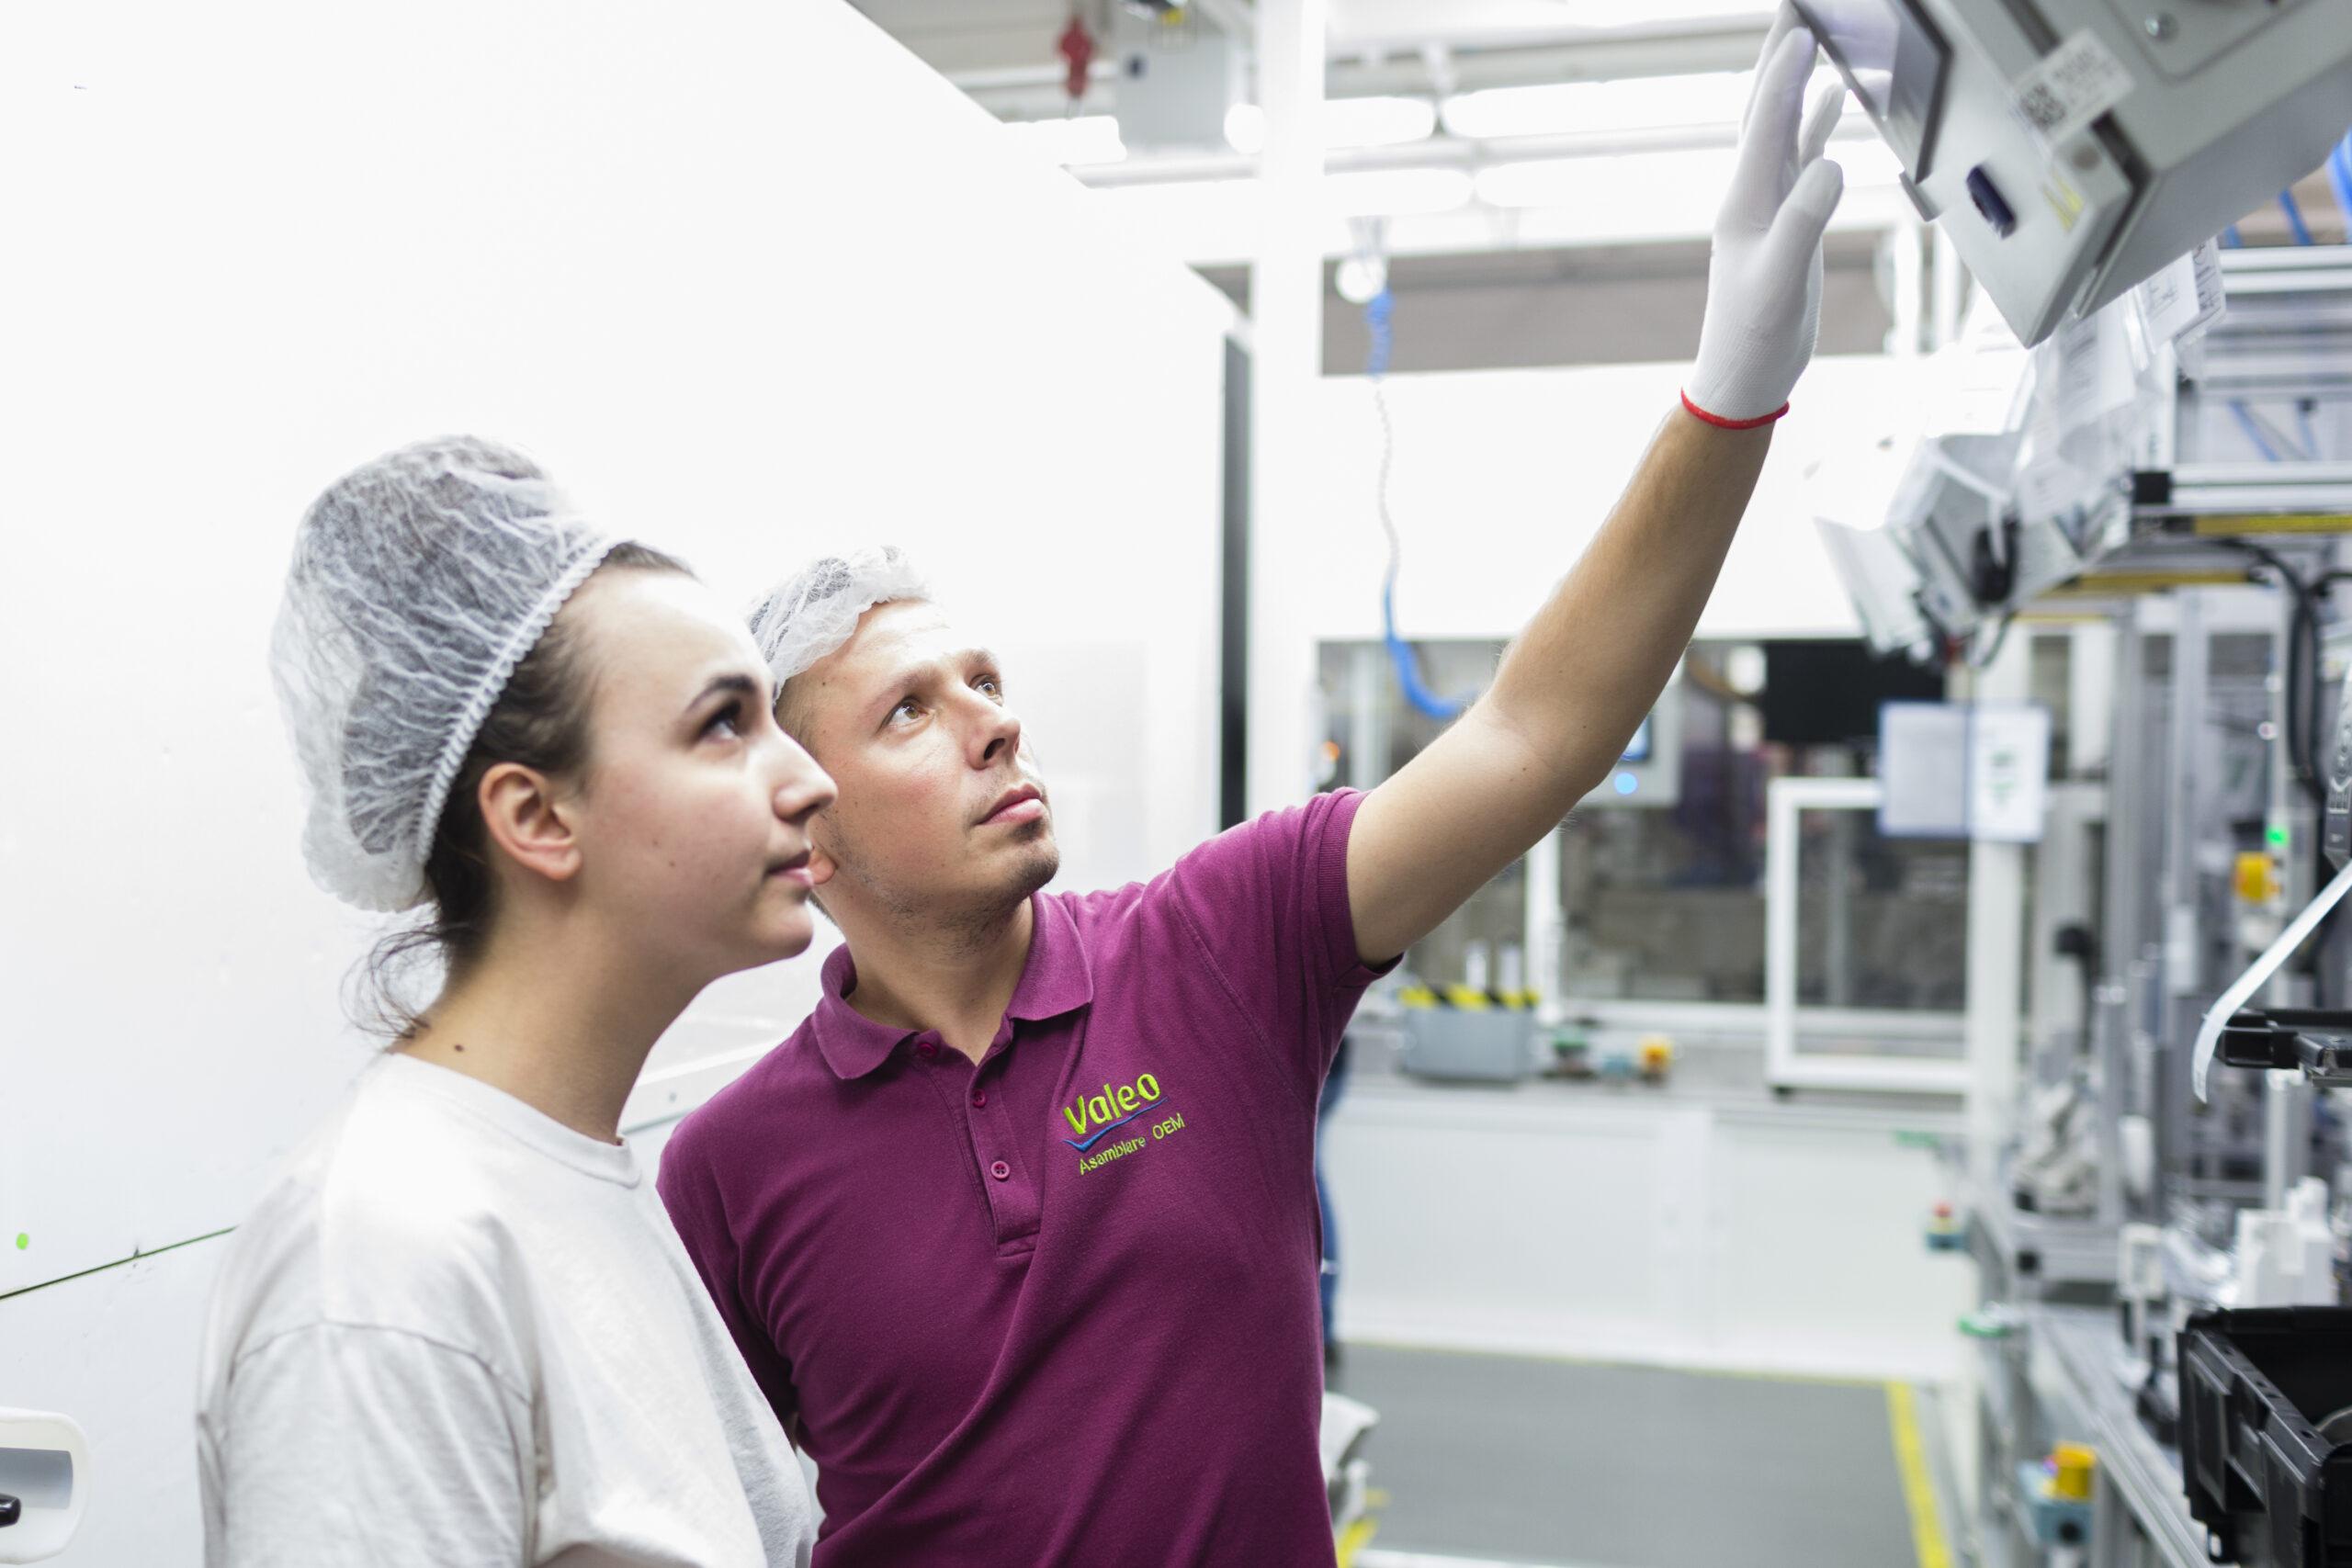 Zwei Angestellte führen Qualitätskontrolle durch